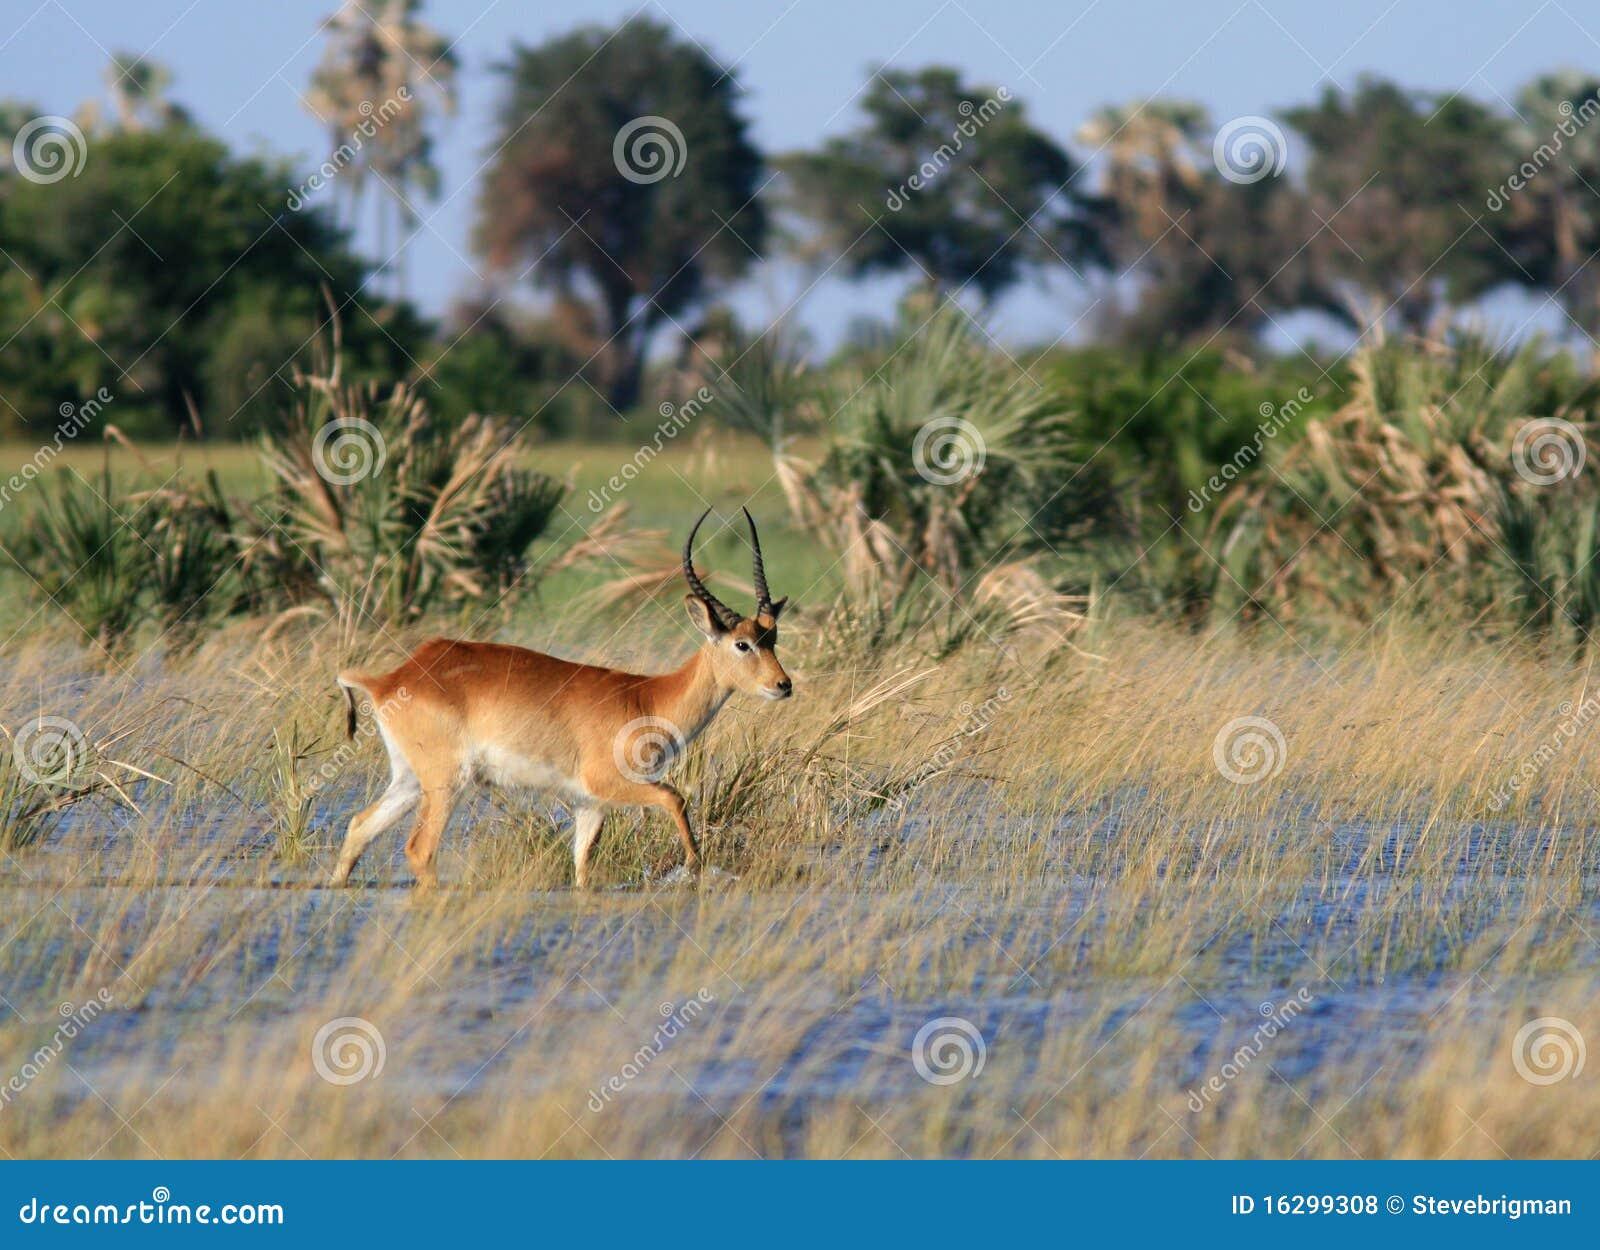 De Delta van Okavango